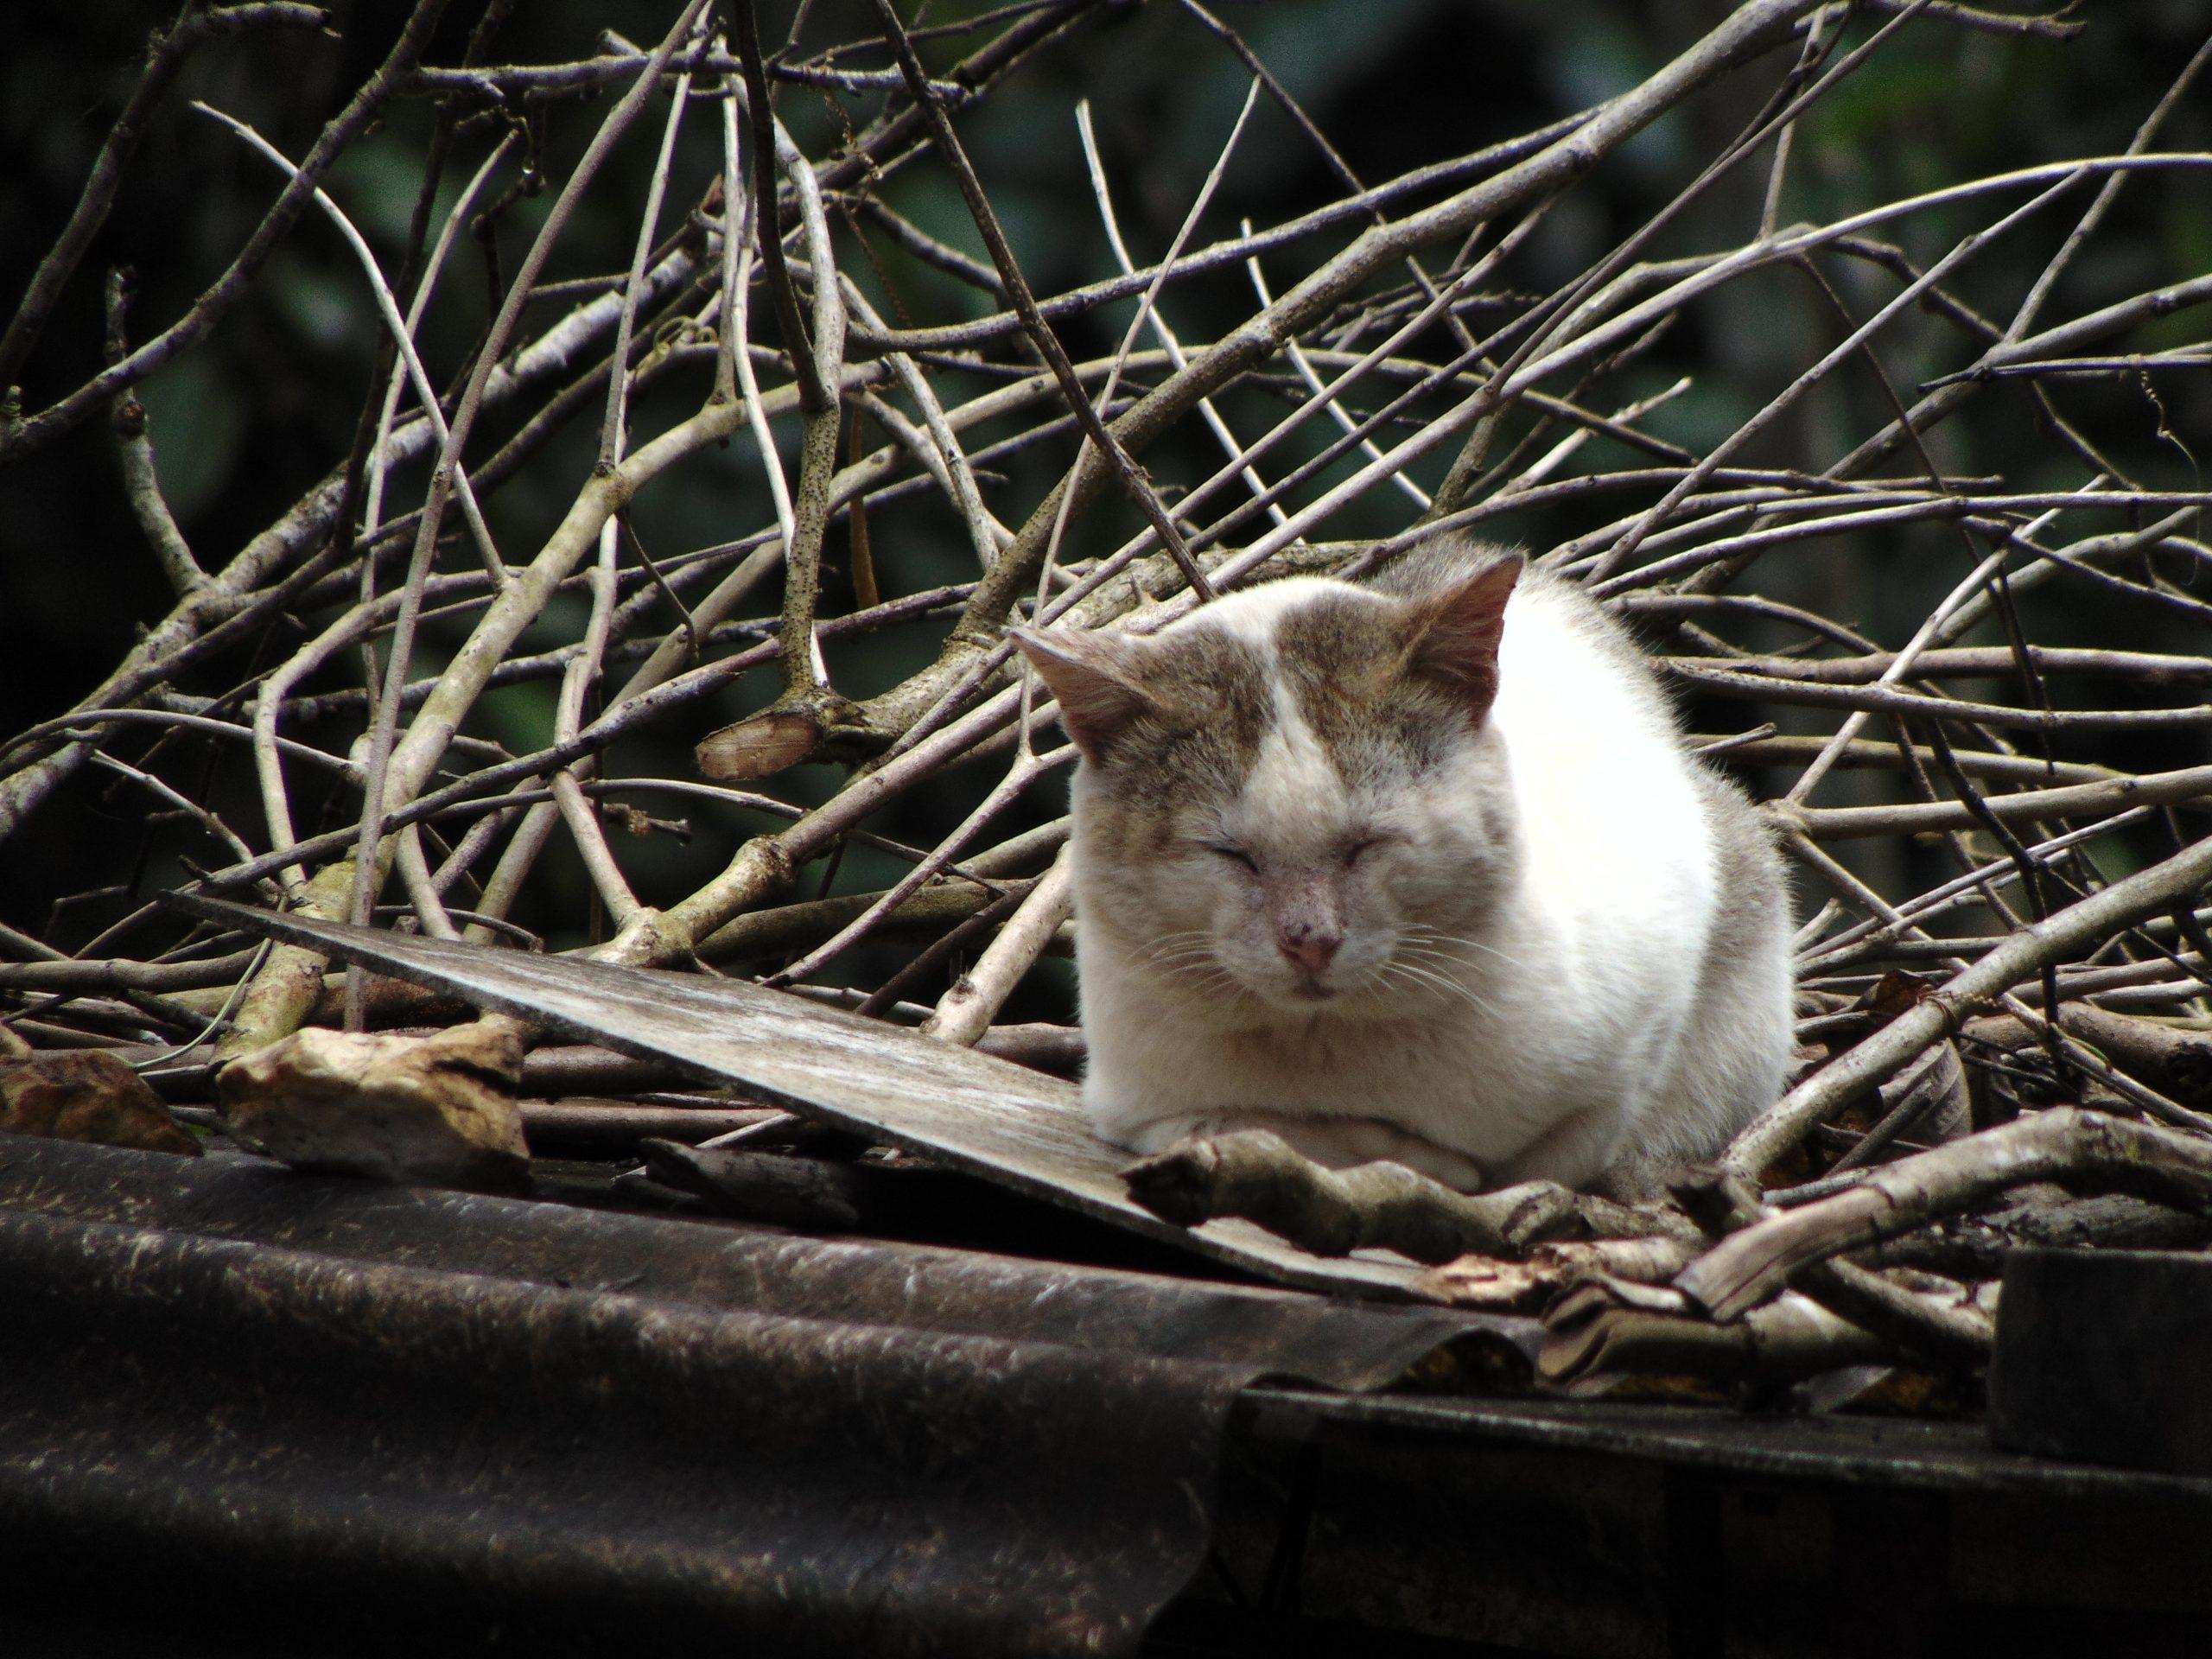 Cute cat on Focus